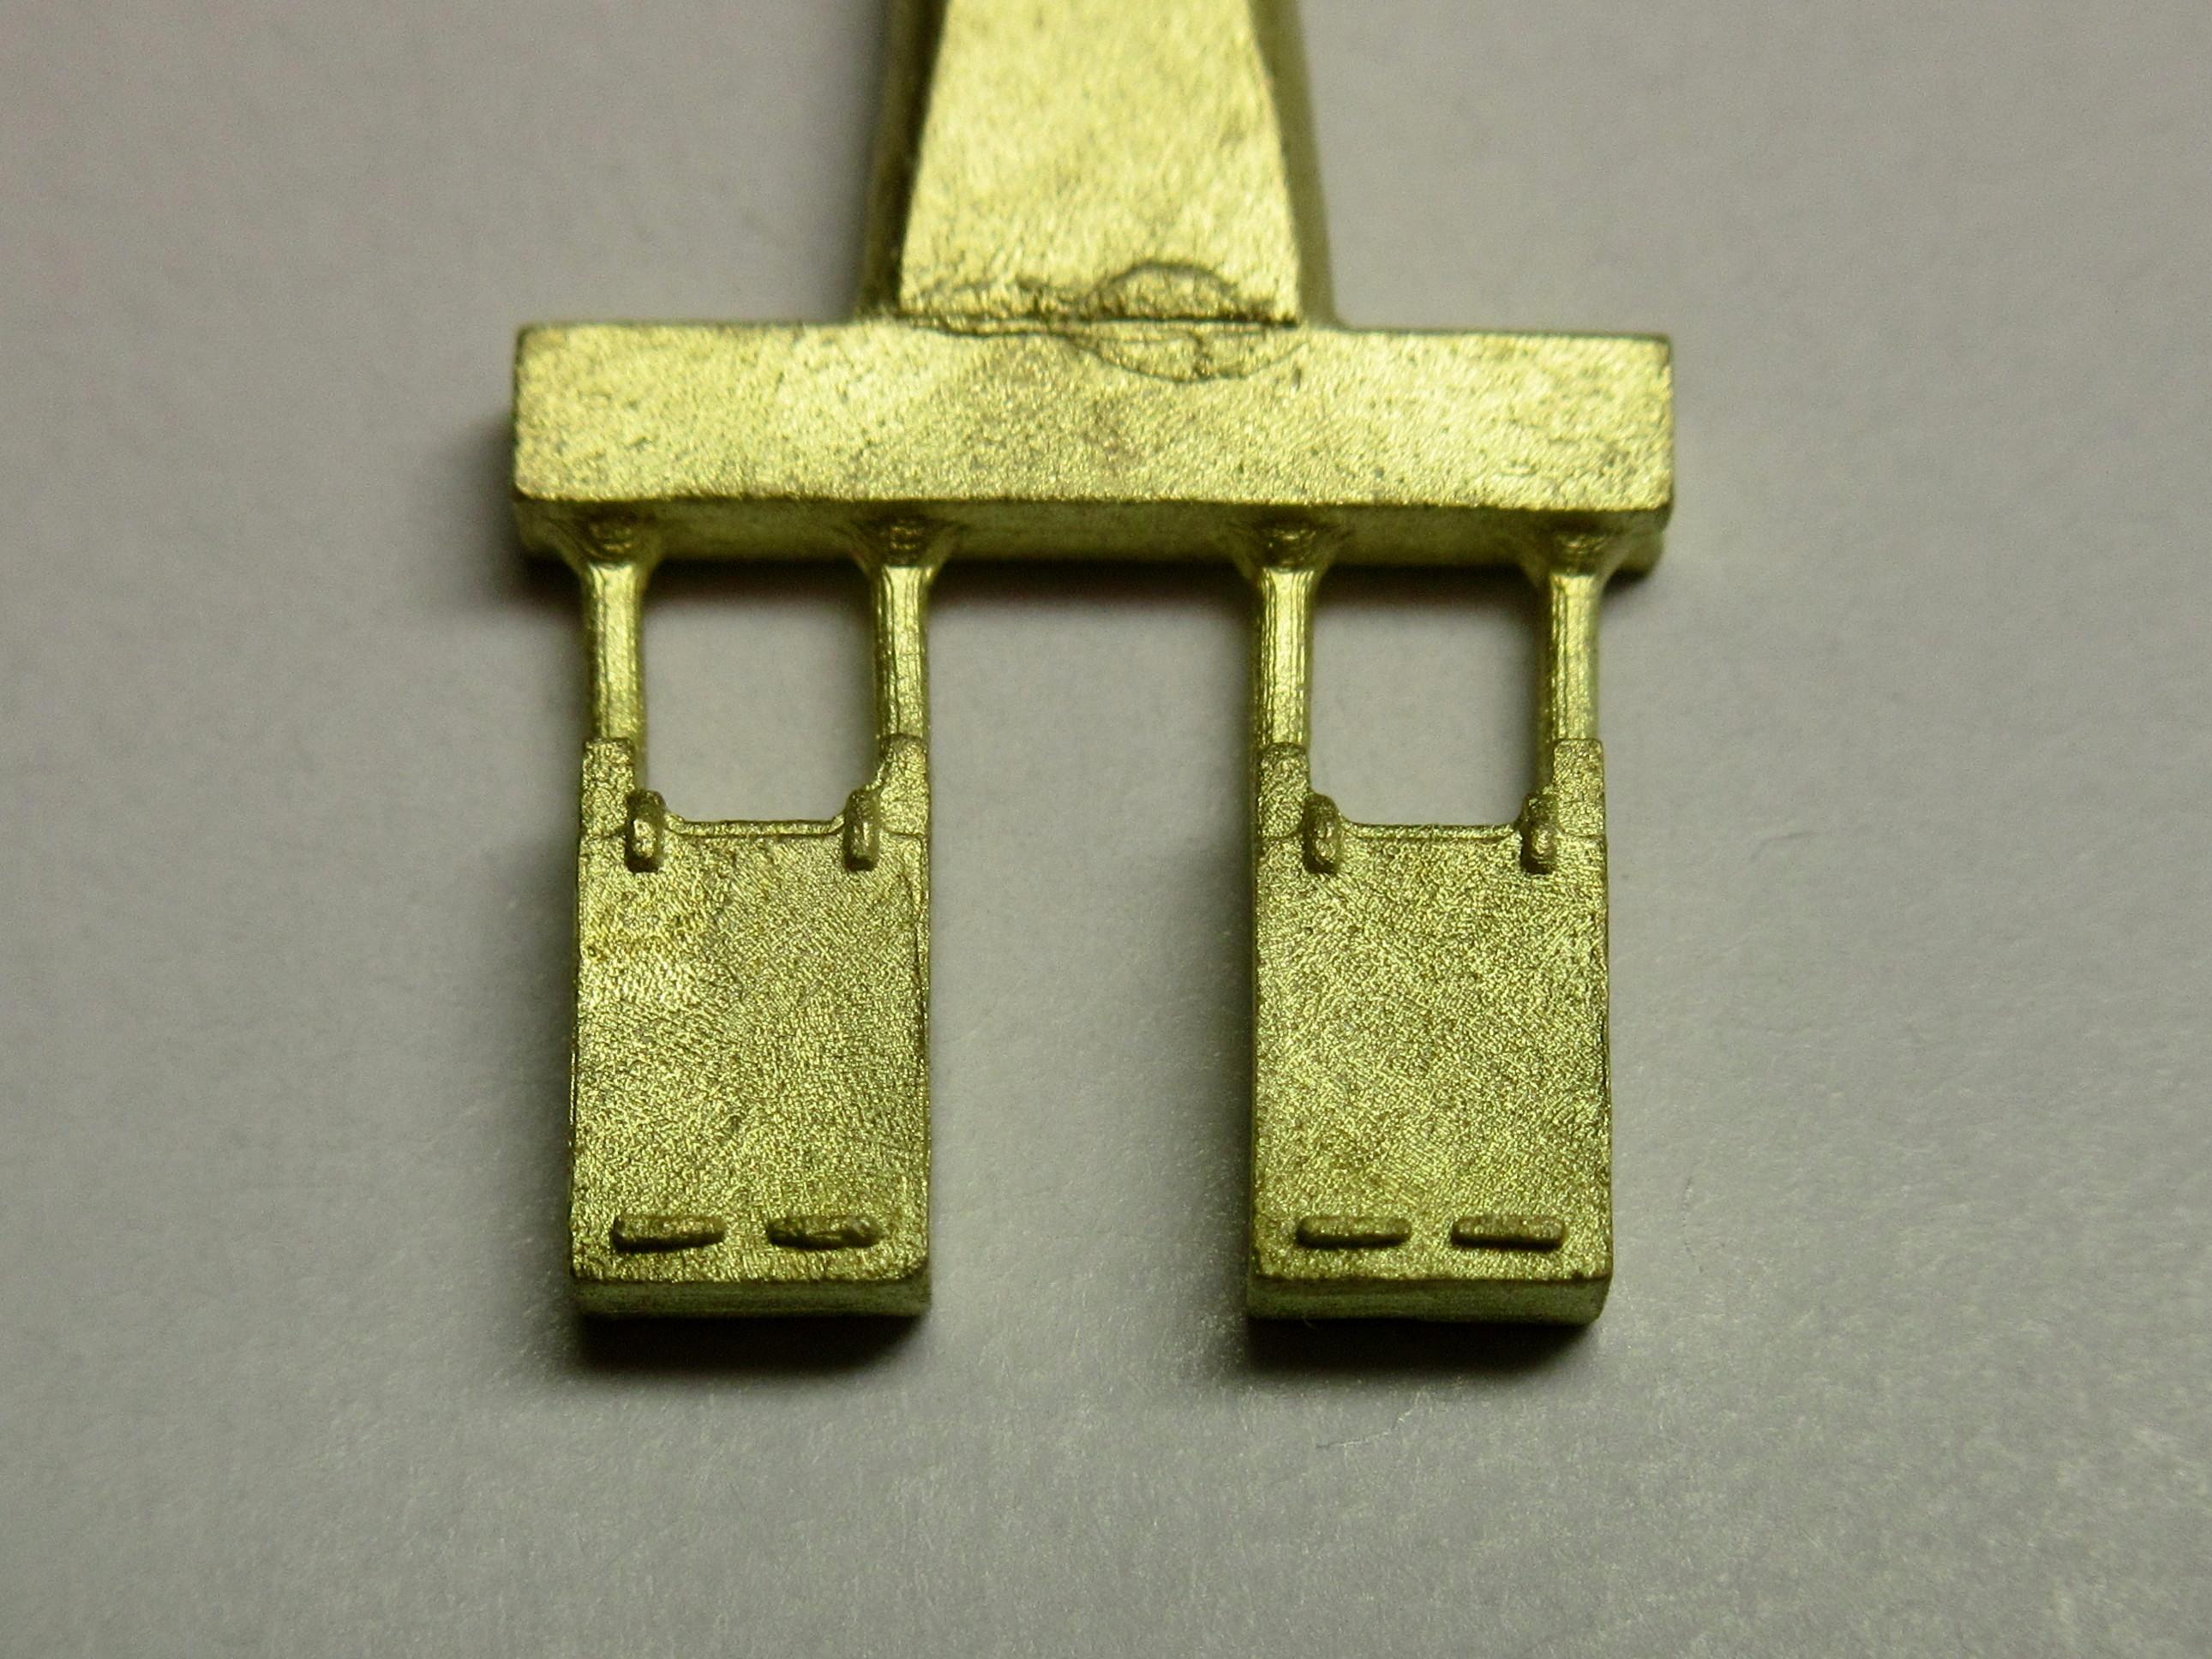 筑波車輌工業 D-004 逆転電磁弁装置